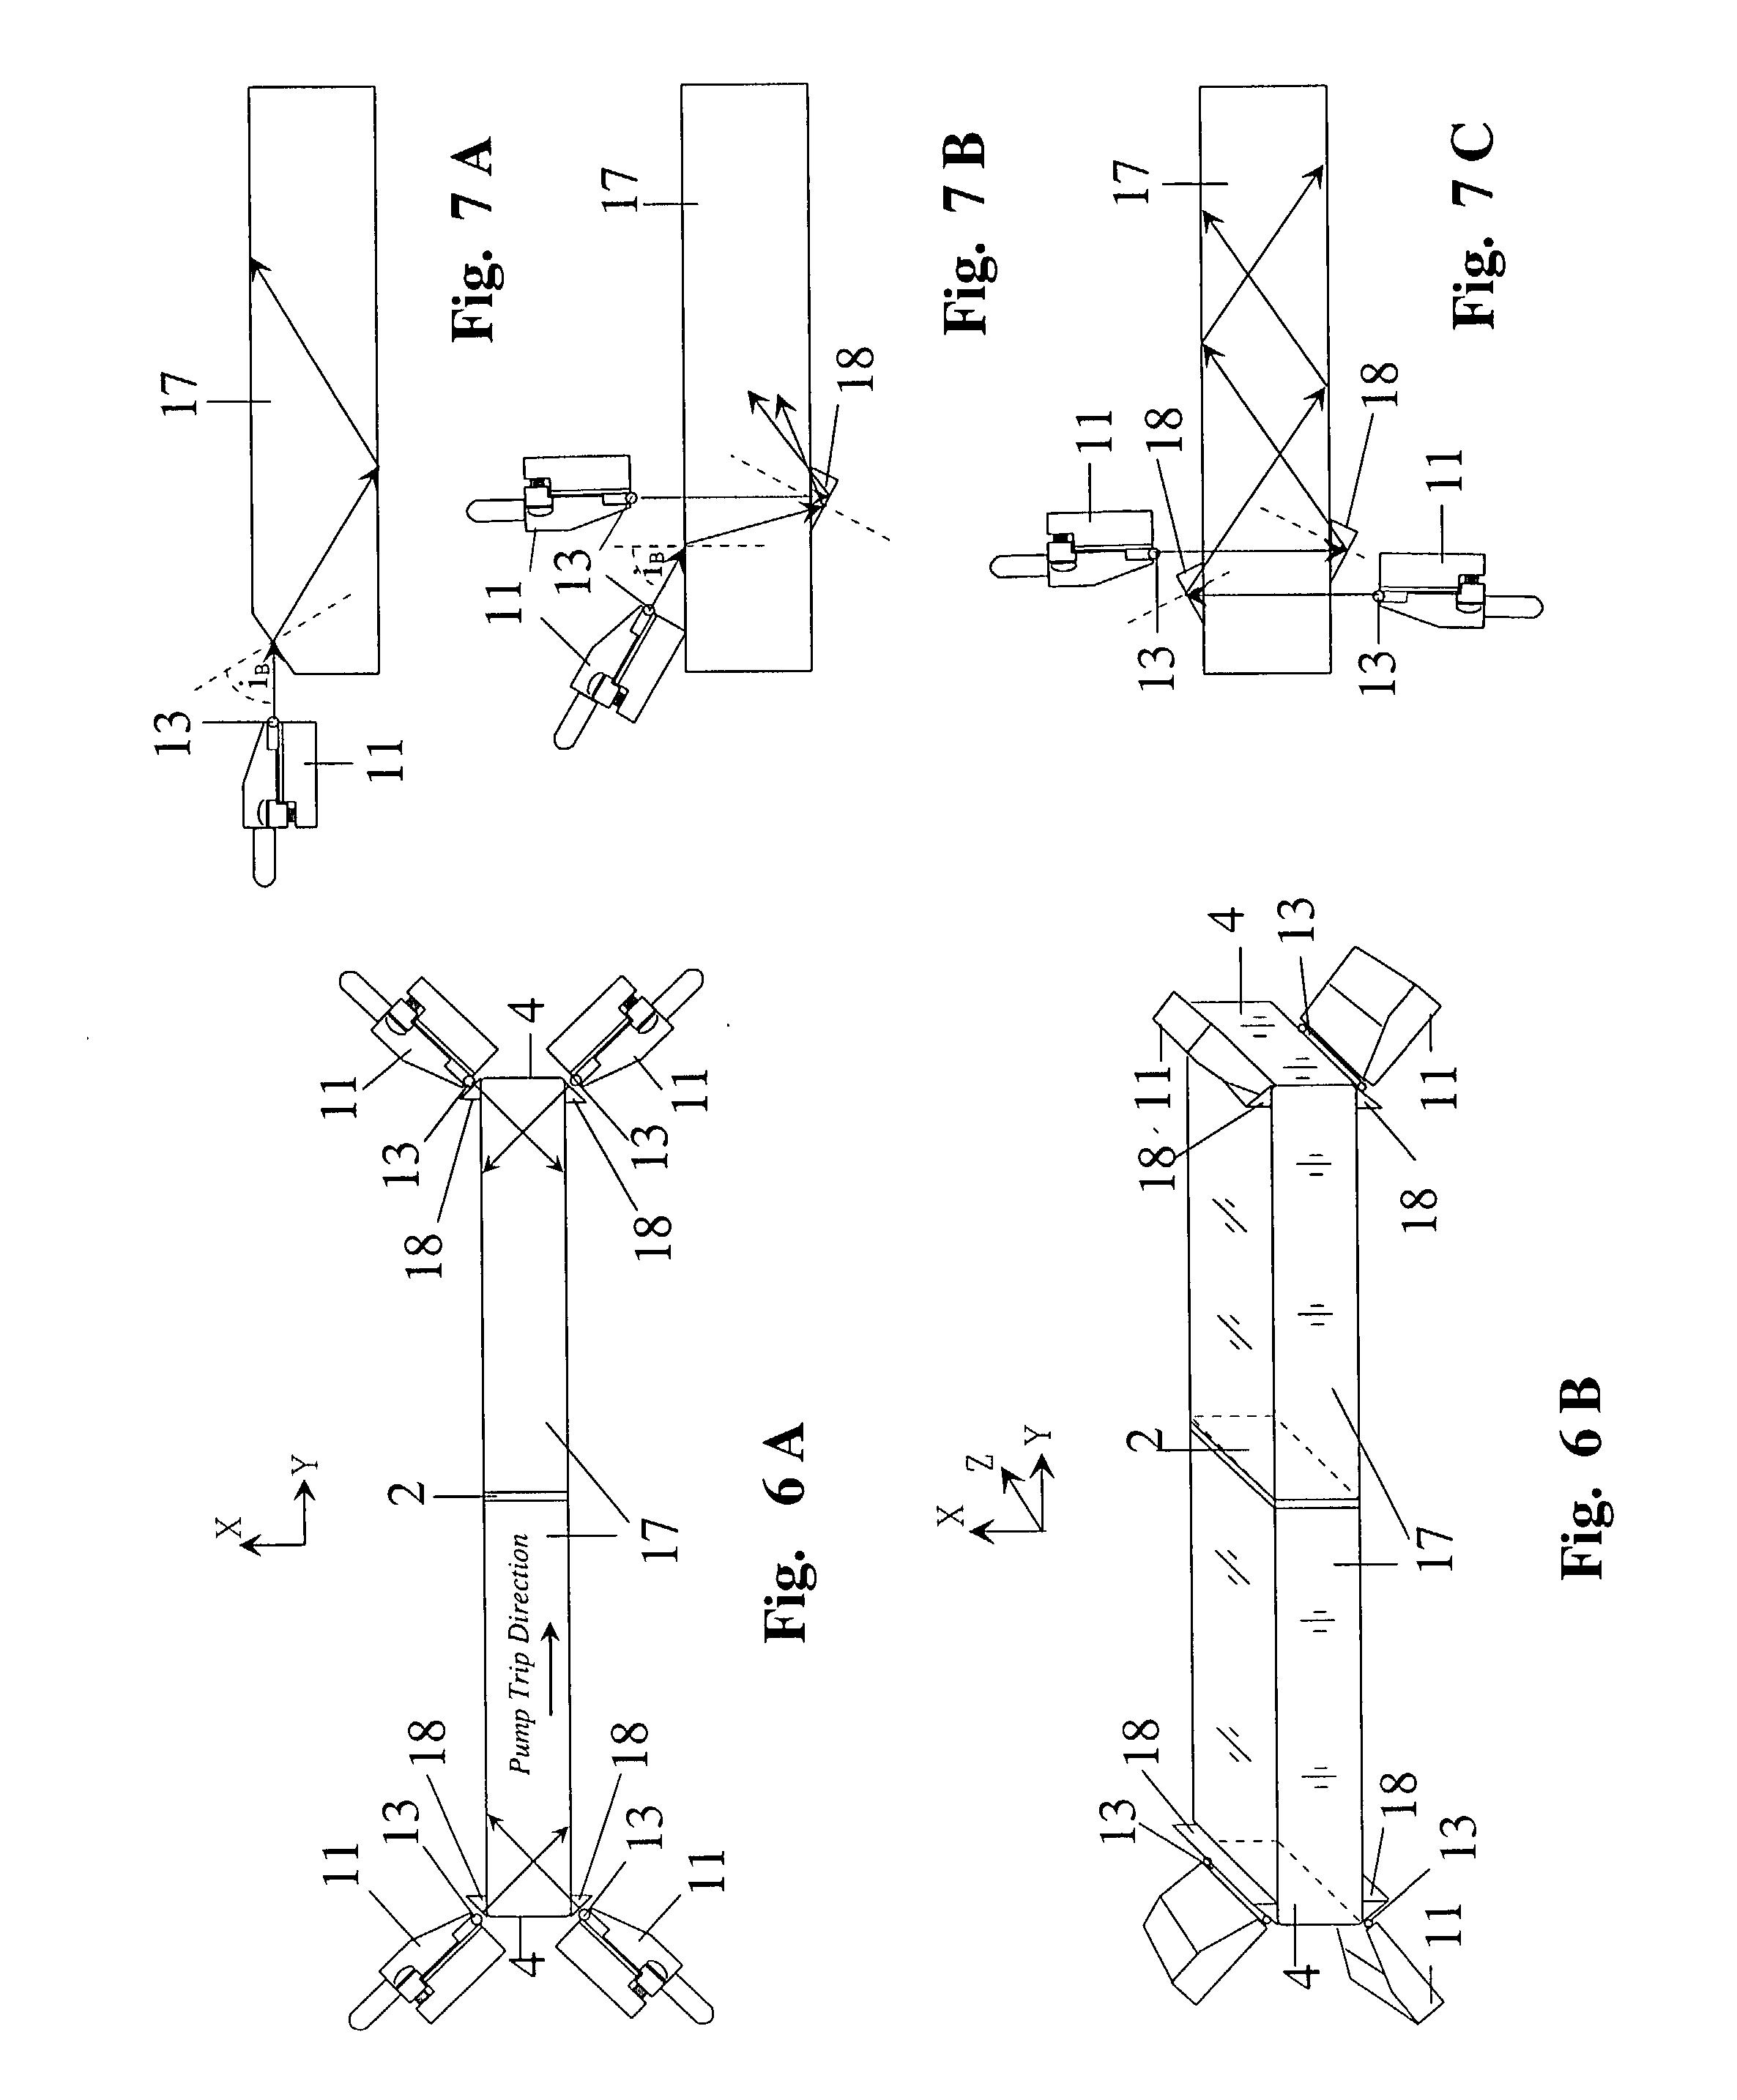 patent us20020105997